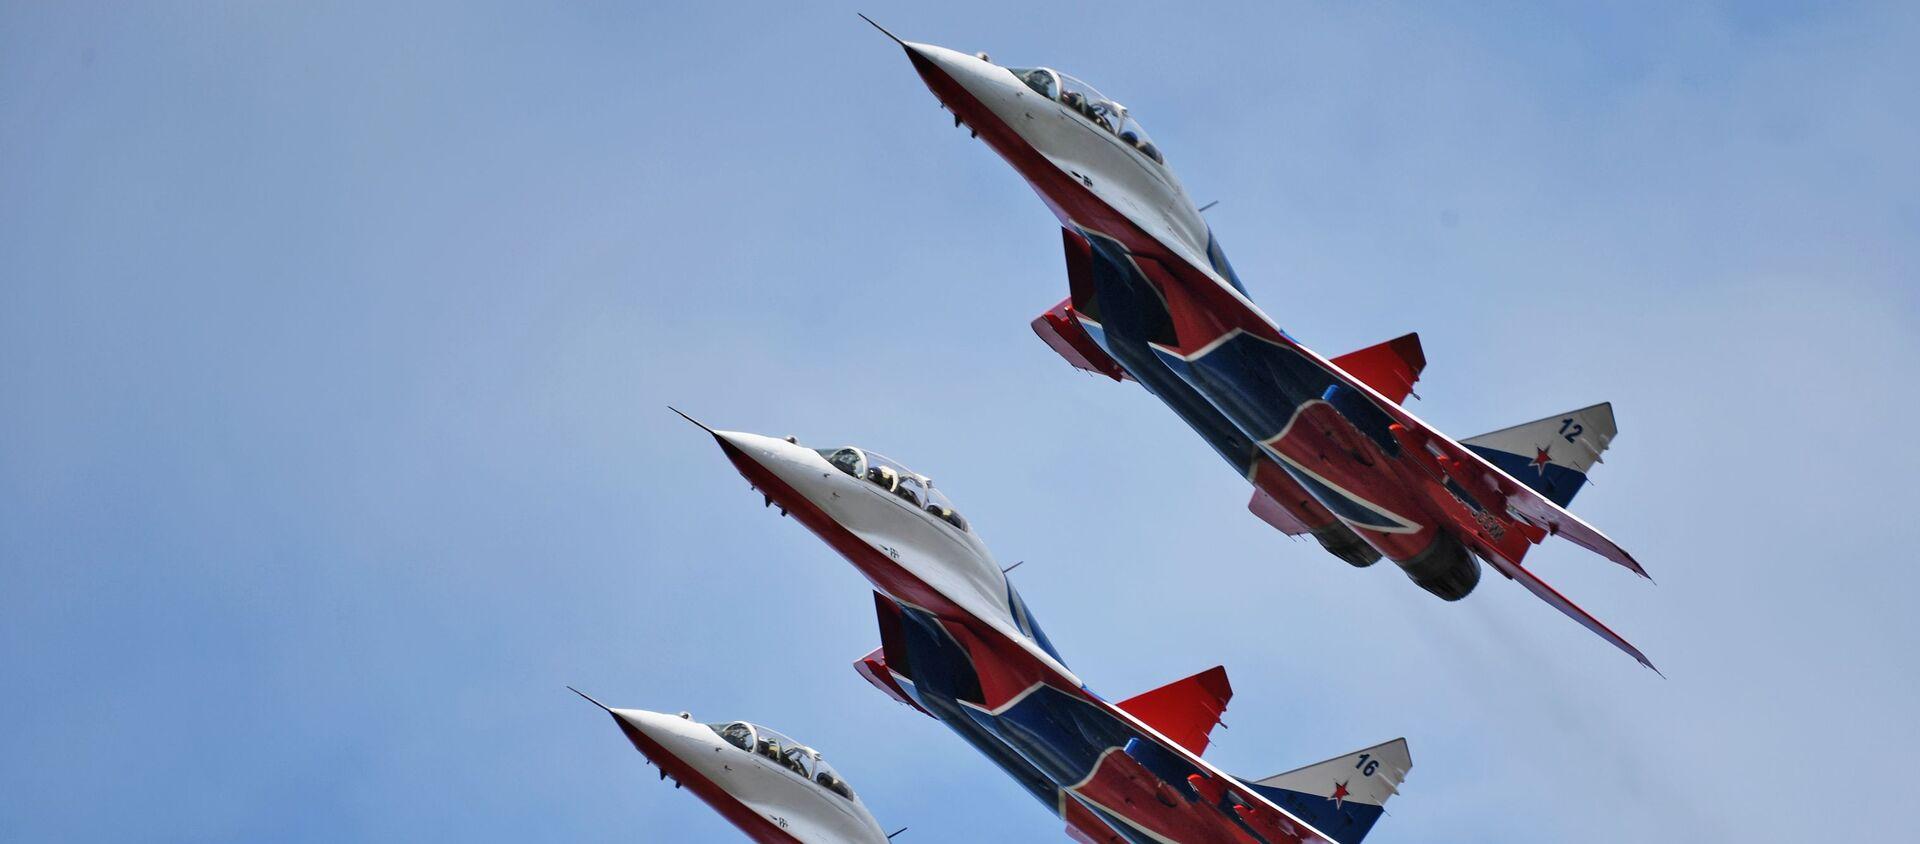 """Akrobatska grupa """"Striži"""" u lovcima MiG-29 na avio-spektaklu u čast Dana pobede na aerodromu Kubinka - Sputnik Srbija, 1920, 06.05.2021"""